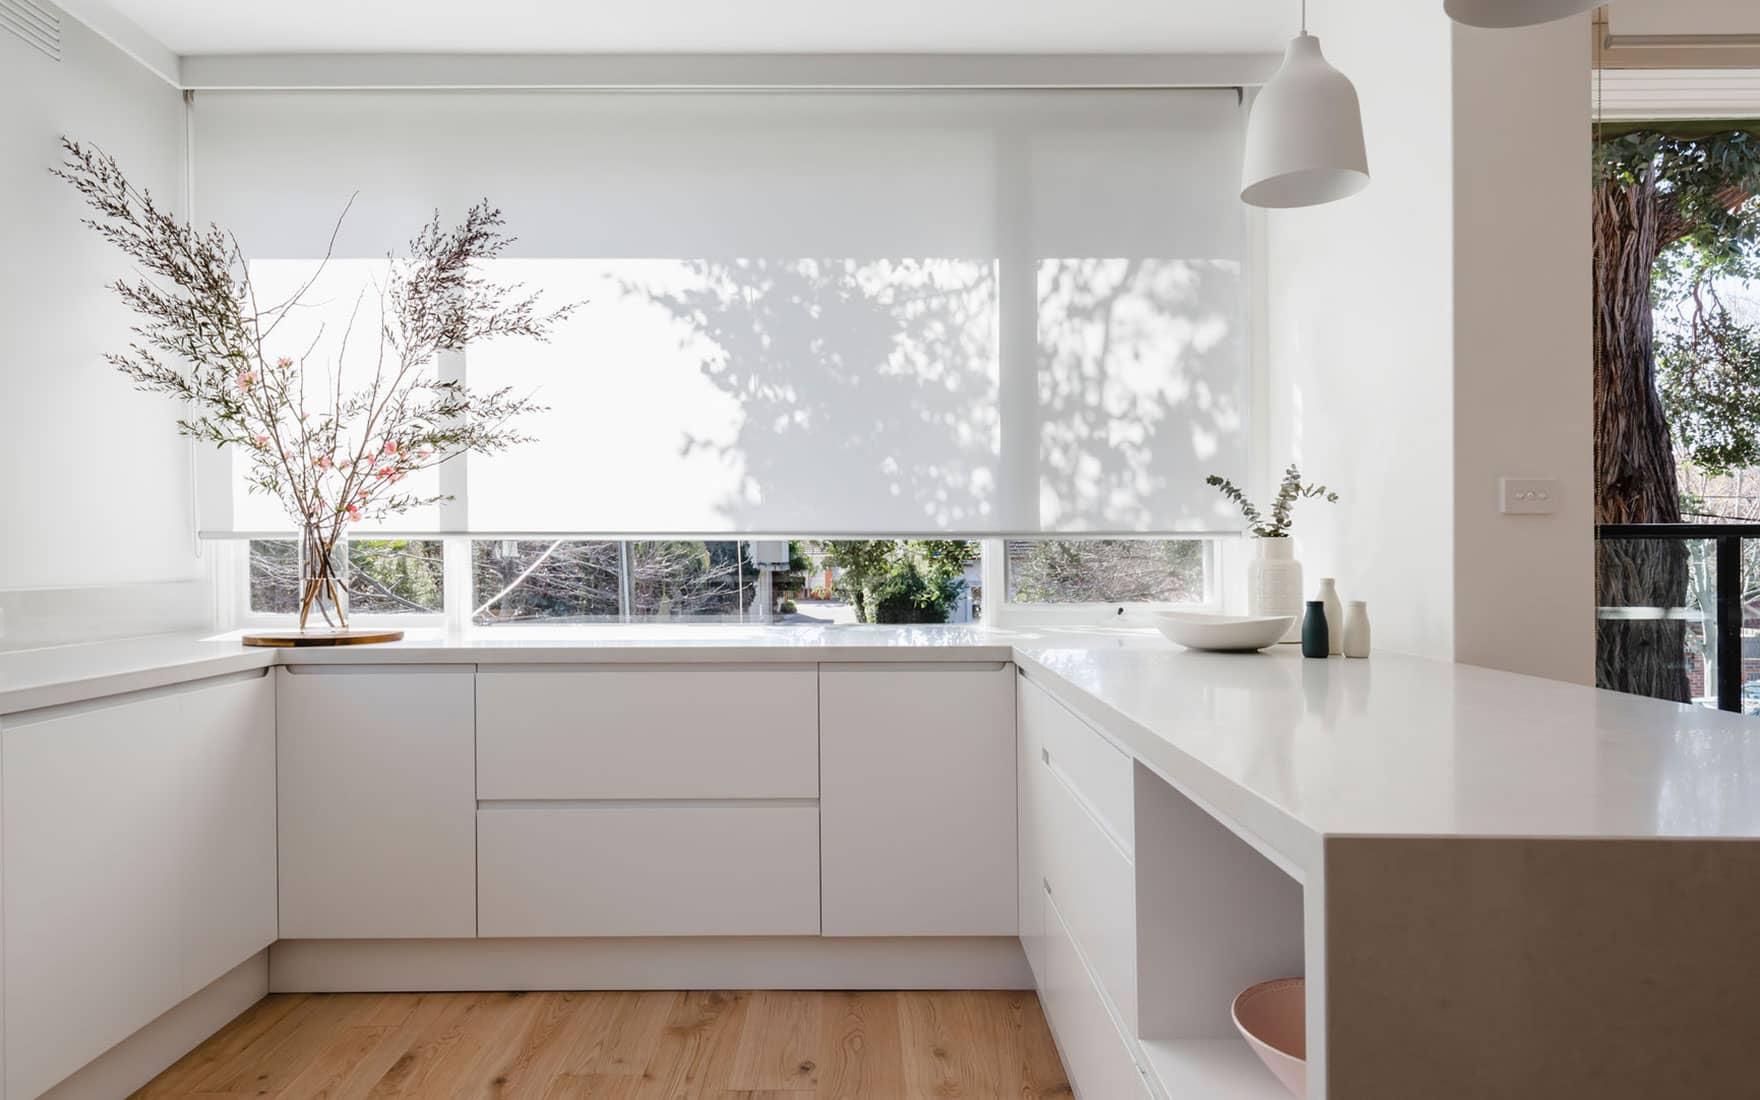 Cuisine contemporaine sur-mesure blanche avec plan de travail en granite.